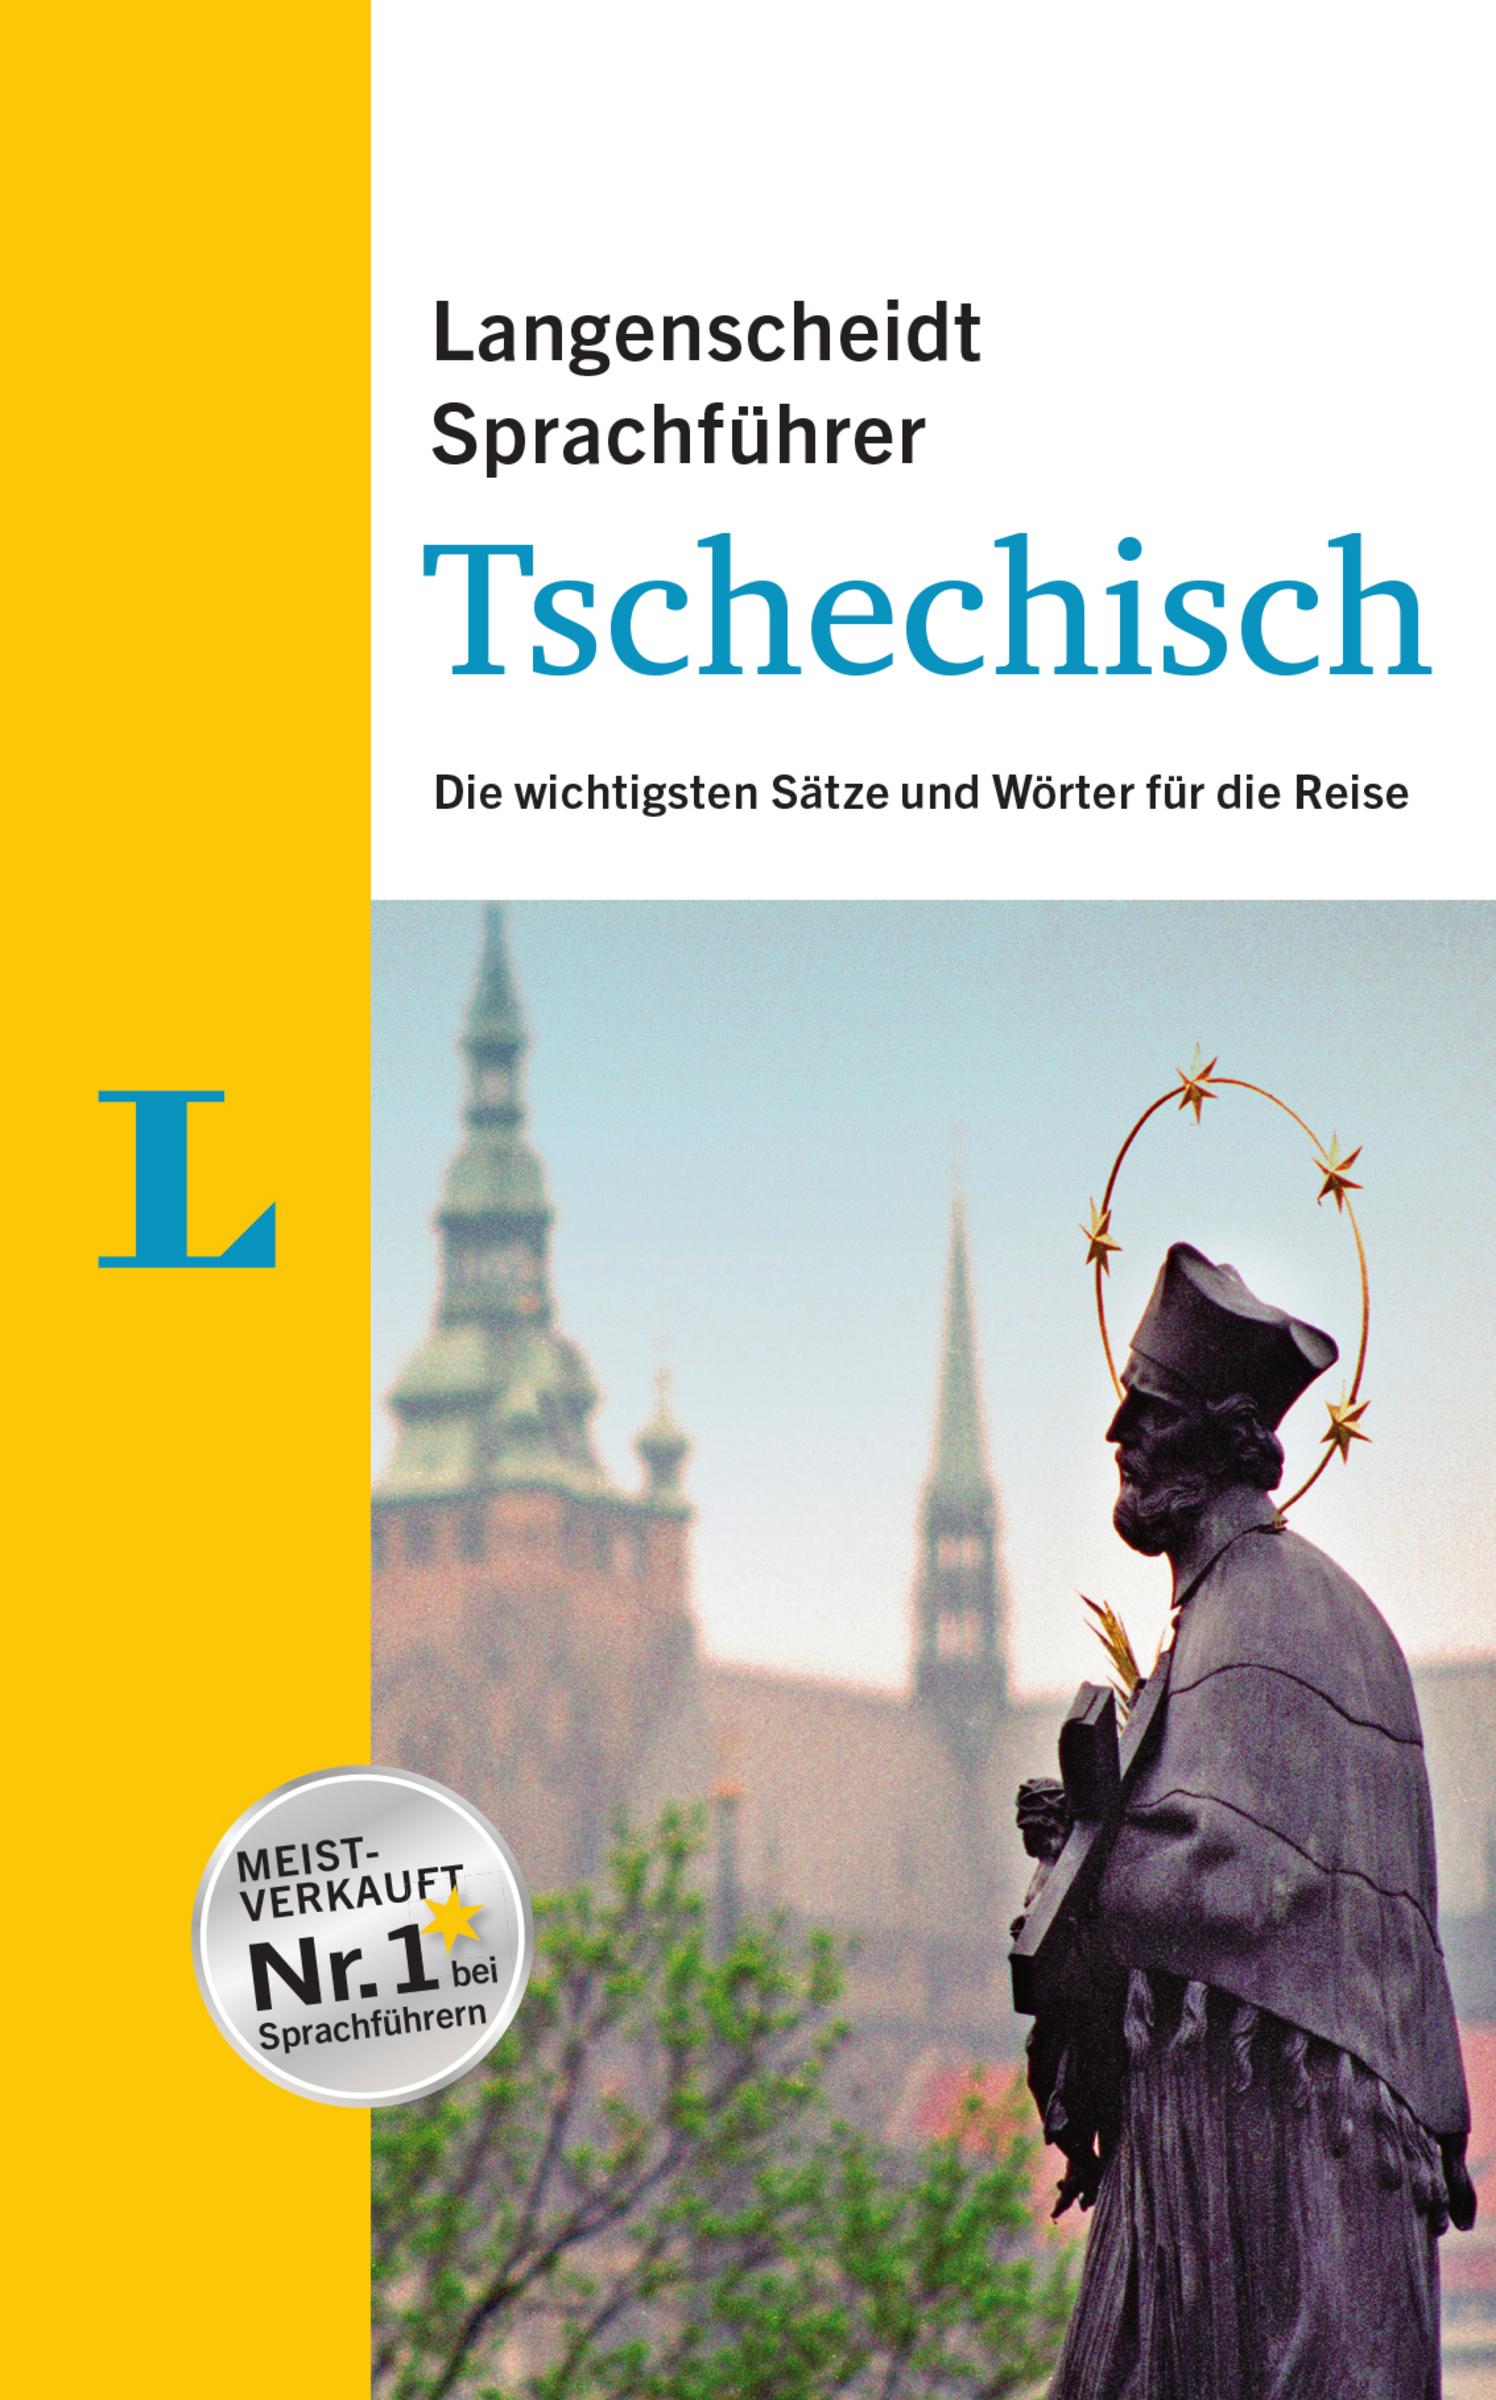 Langenscheidt Sprachführer Tschechisch Redaktion Langenscheidt